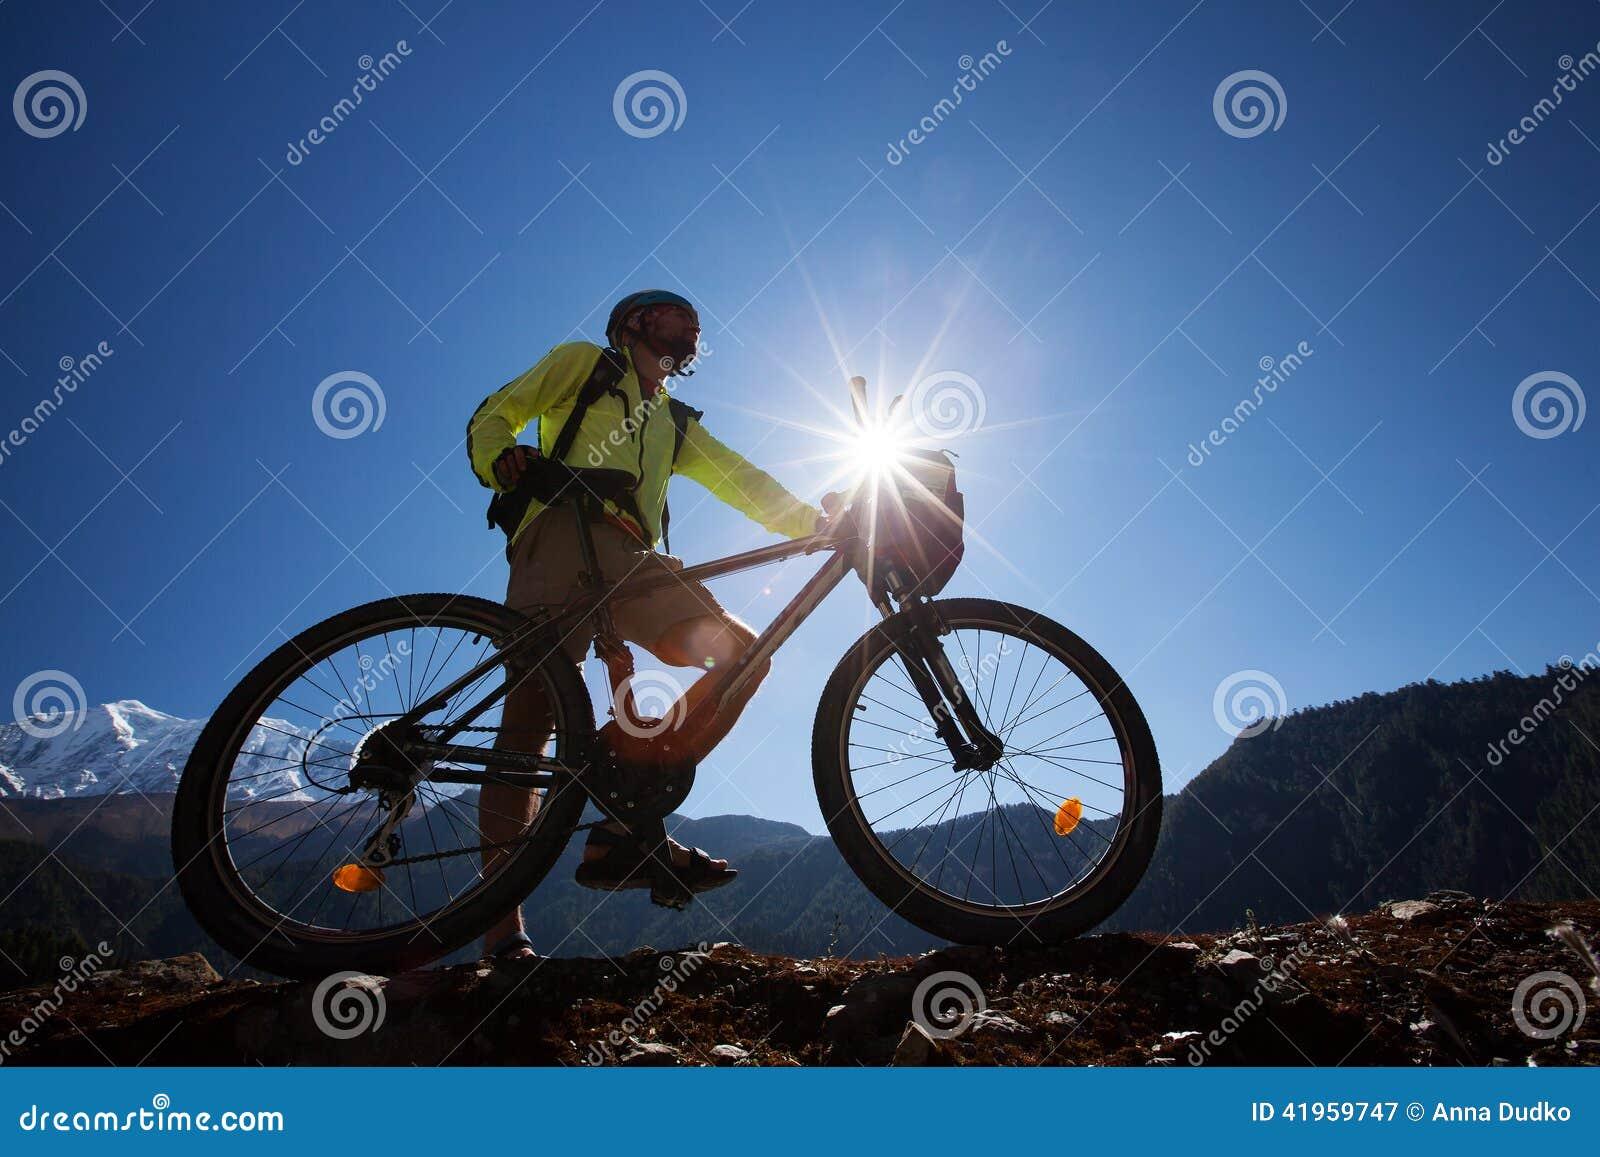 Boy cycling at the road